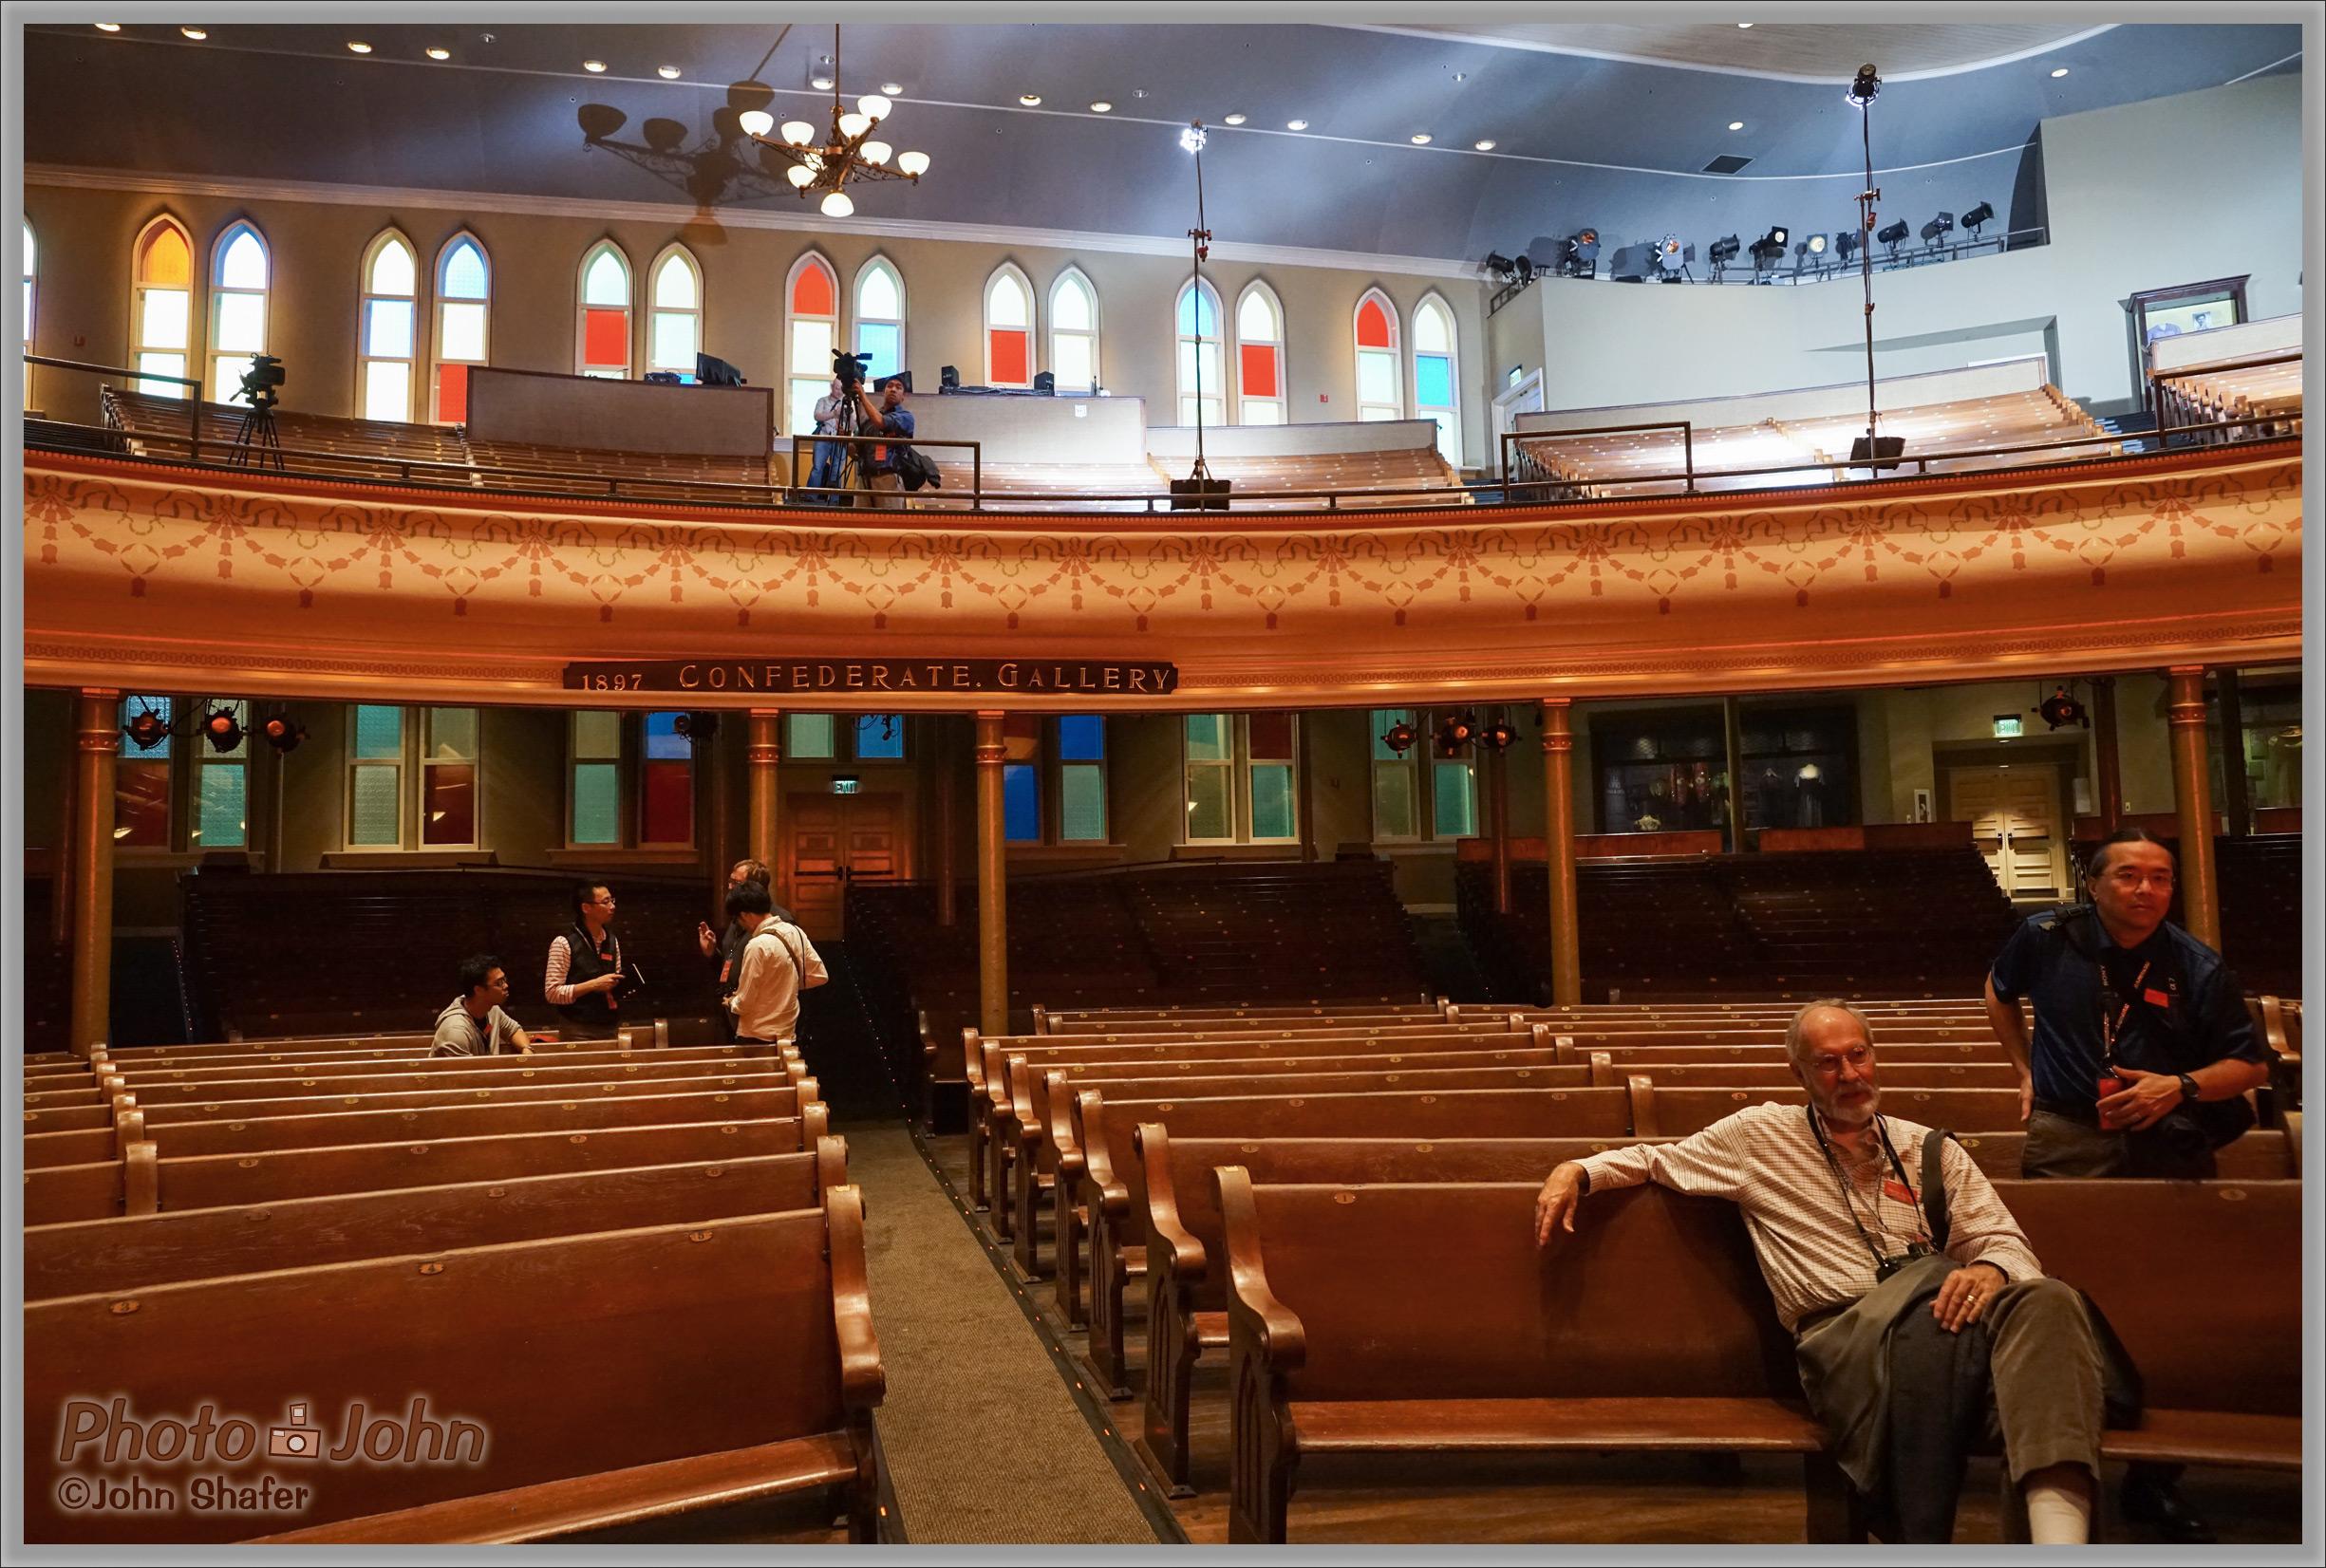 Ryman Auditorium Pews - Sony Alpha A7R